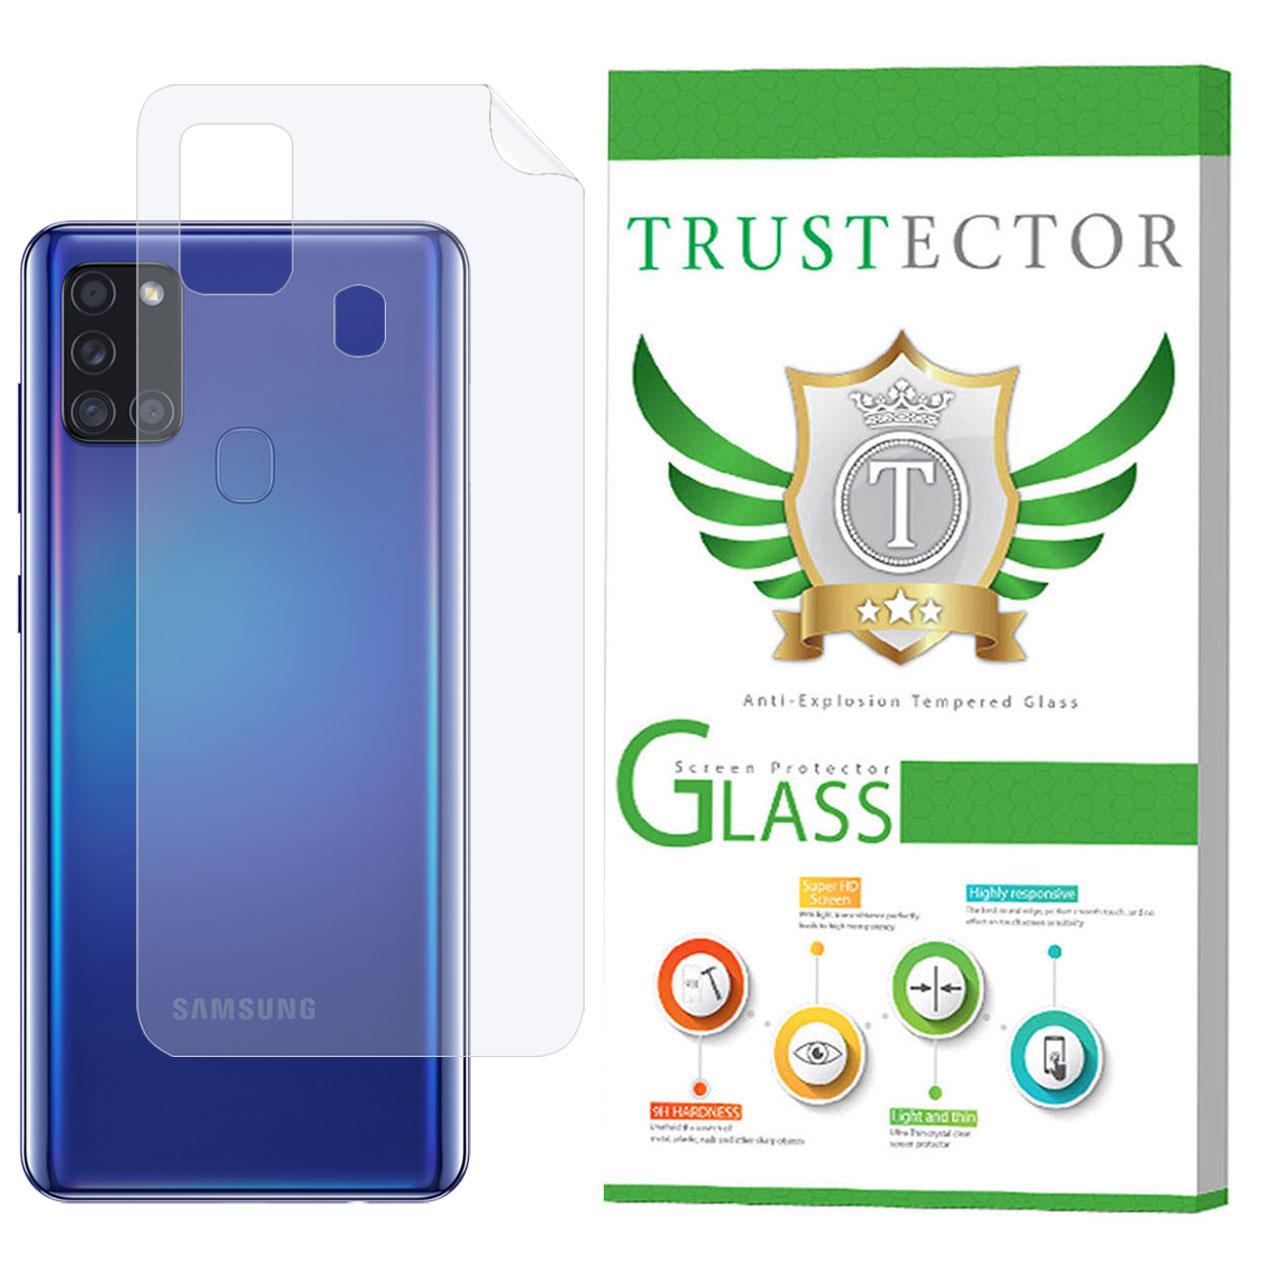 محافظ پشت گوشی نانو تراستکتور مدل GNF مناسب برای گوشی موبایل سامسونگ Galaxy A21s              ( قیمت و خرید)